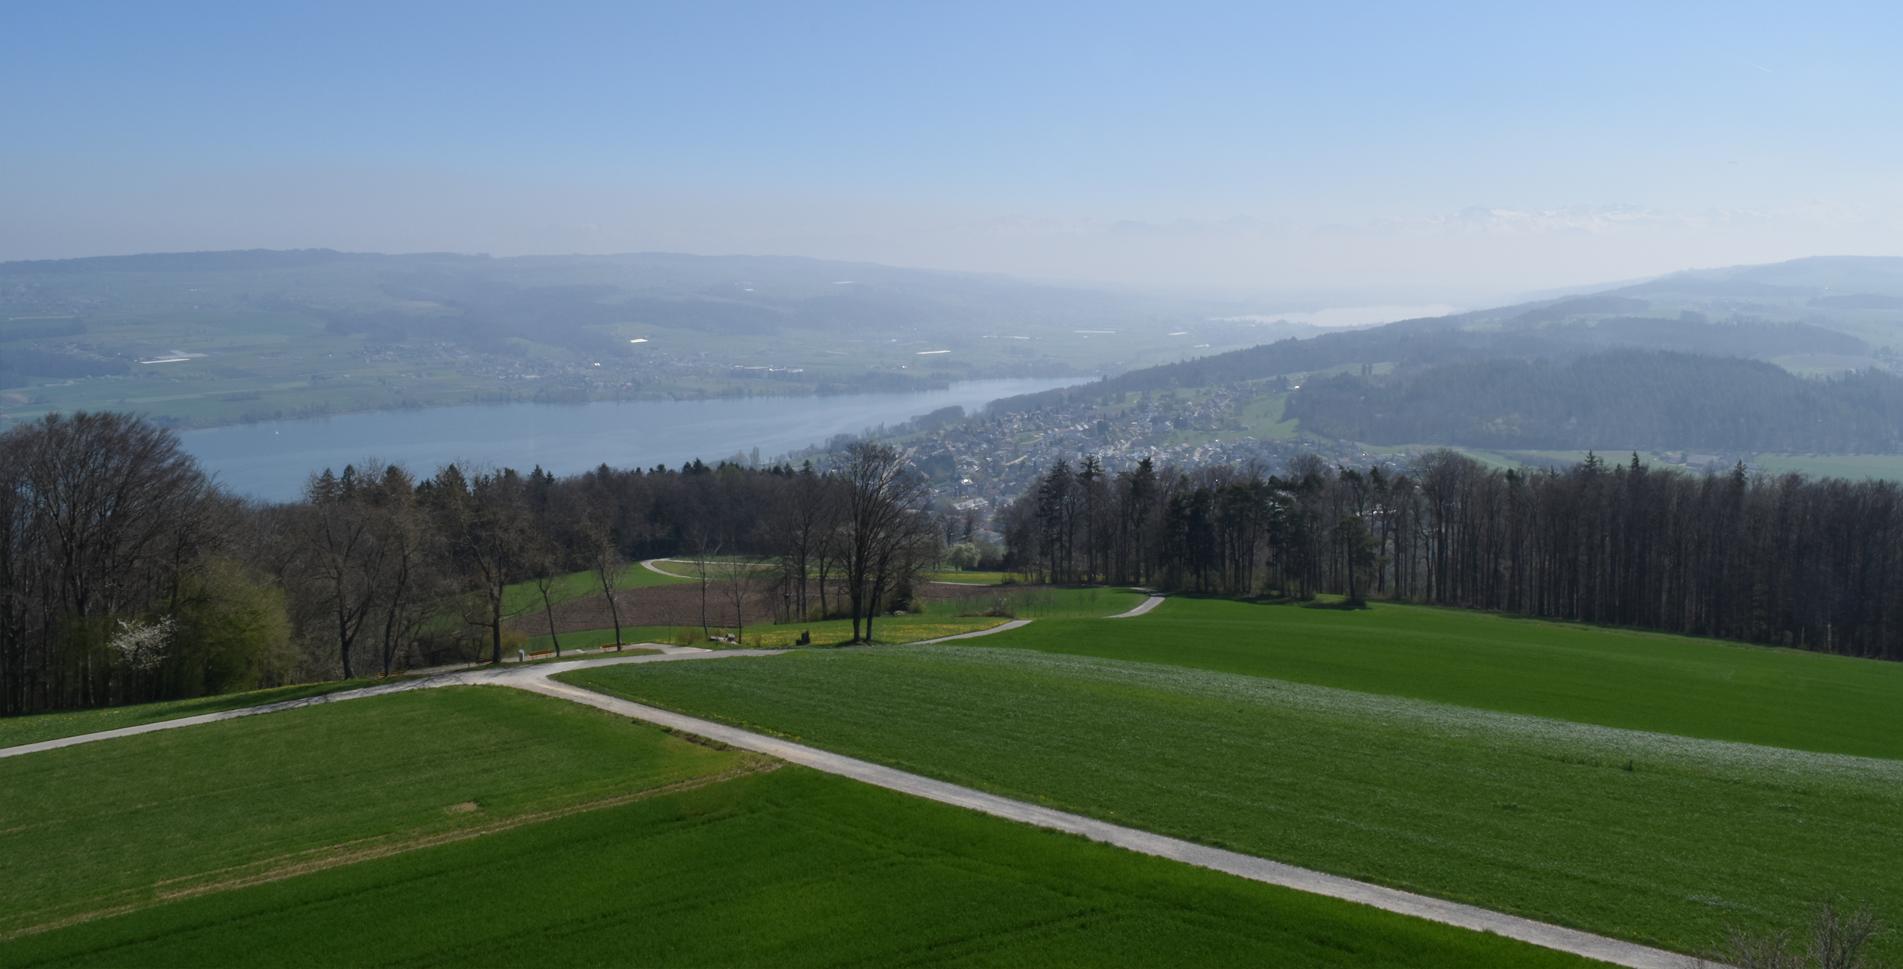 Wanderung von Birrwil am Hallwilersee auf den Homberg und zum Gasthof Homberg bei Oberflügelberg und zum Aussichtsturm Hochwacht und weiter nach Reinach AG und Beinwil am See